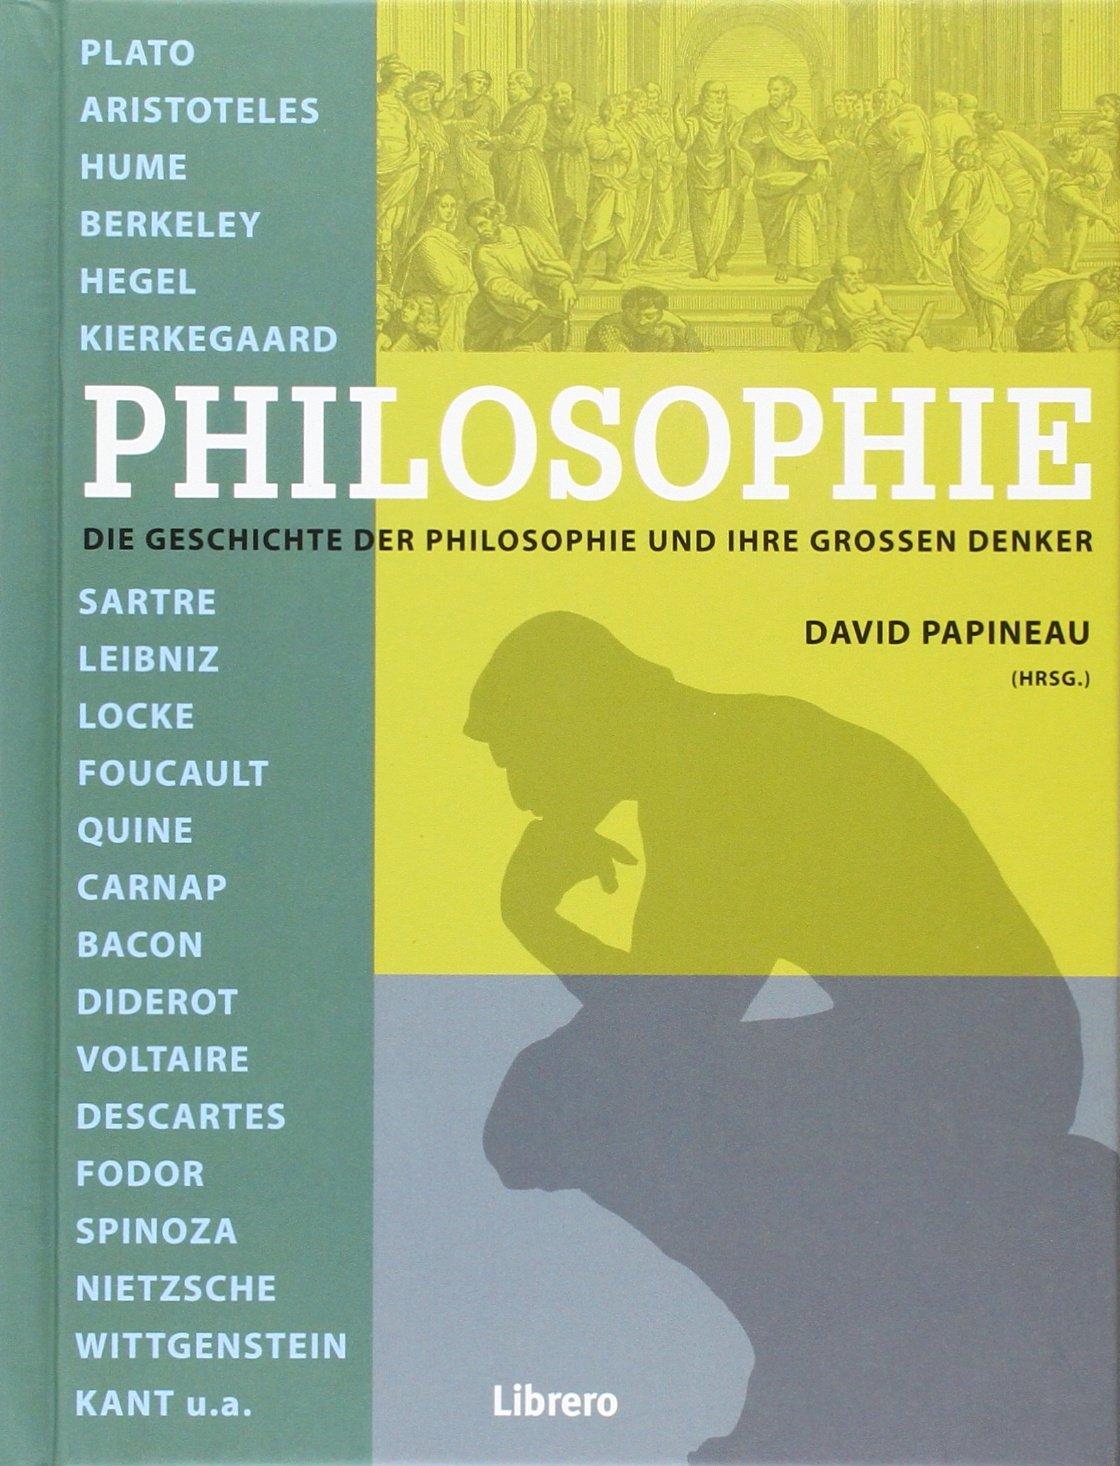 Philosophie: Das große Buch der Philosophie